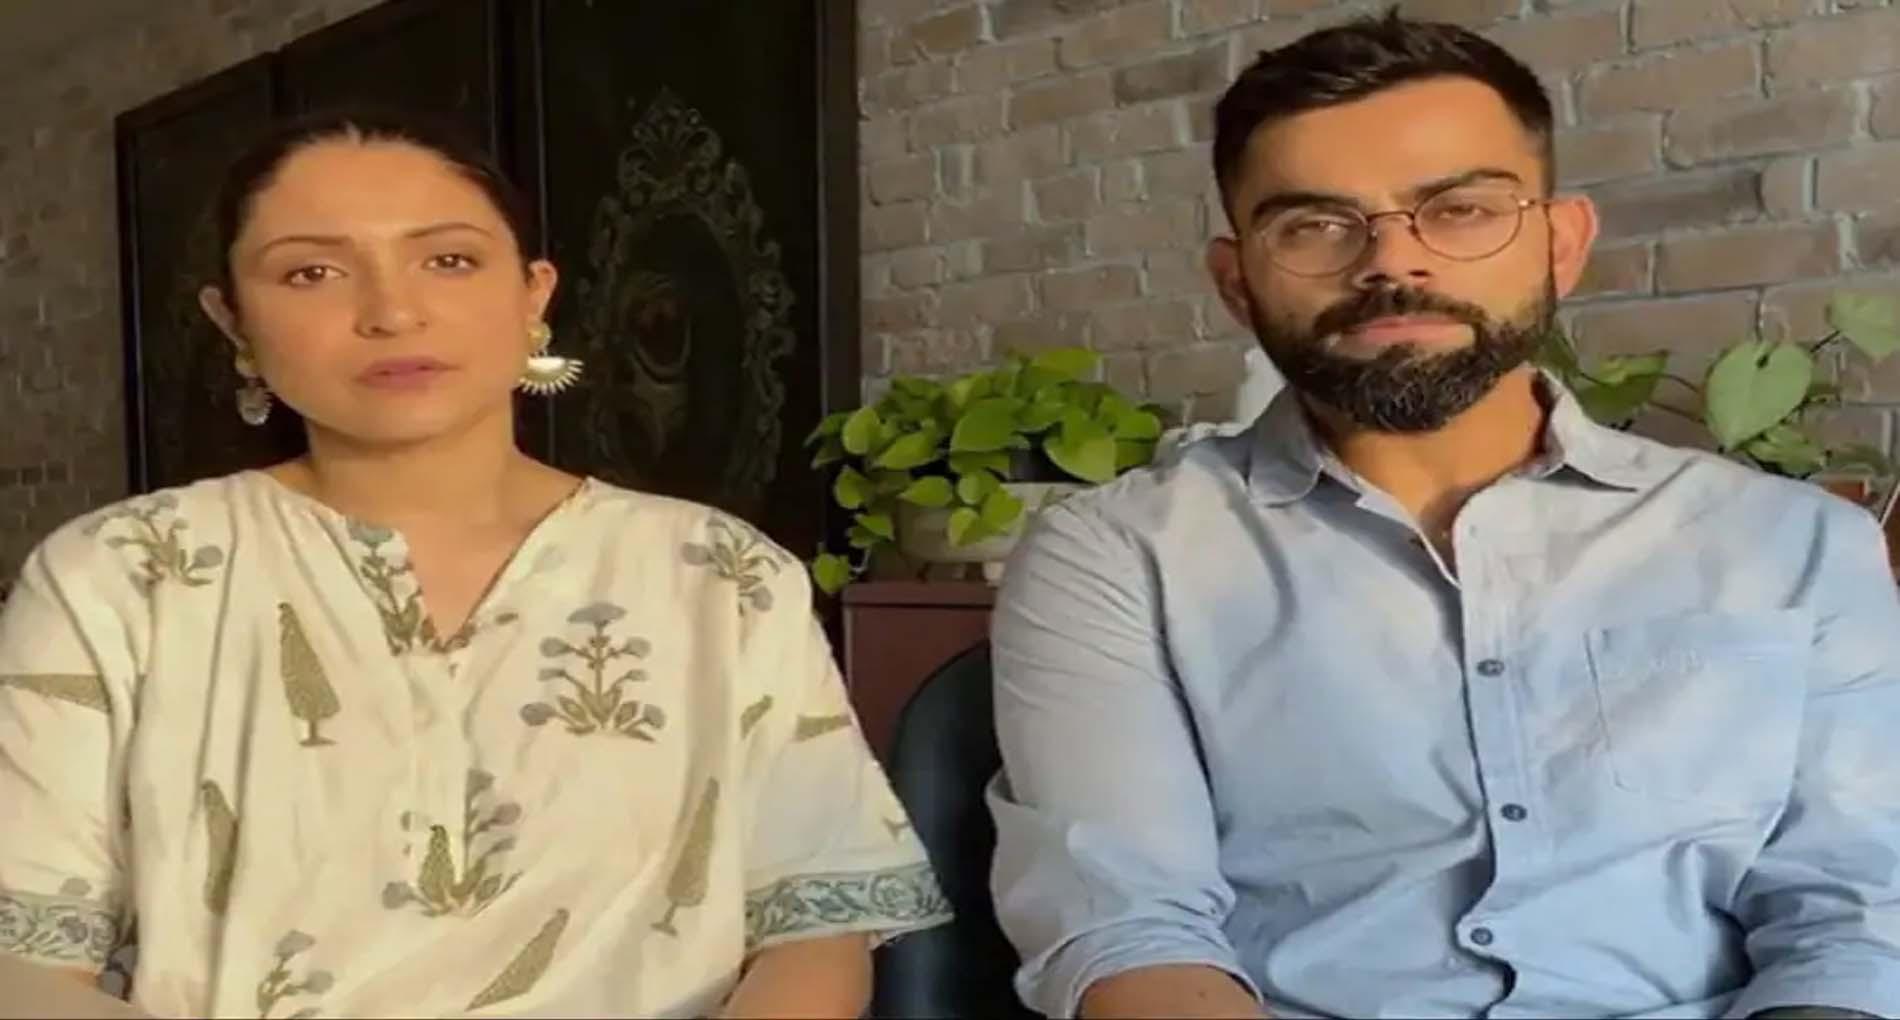 कोरोना से लड़ने के लिए अनुष्का शर्मा और विराट कोहली ने शुरू किया कैंपेन! जुटाएंगे फंड